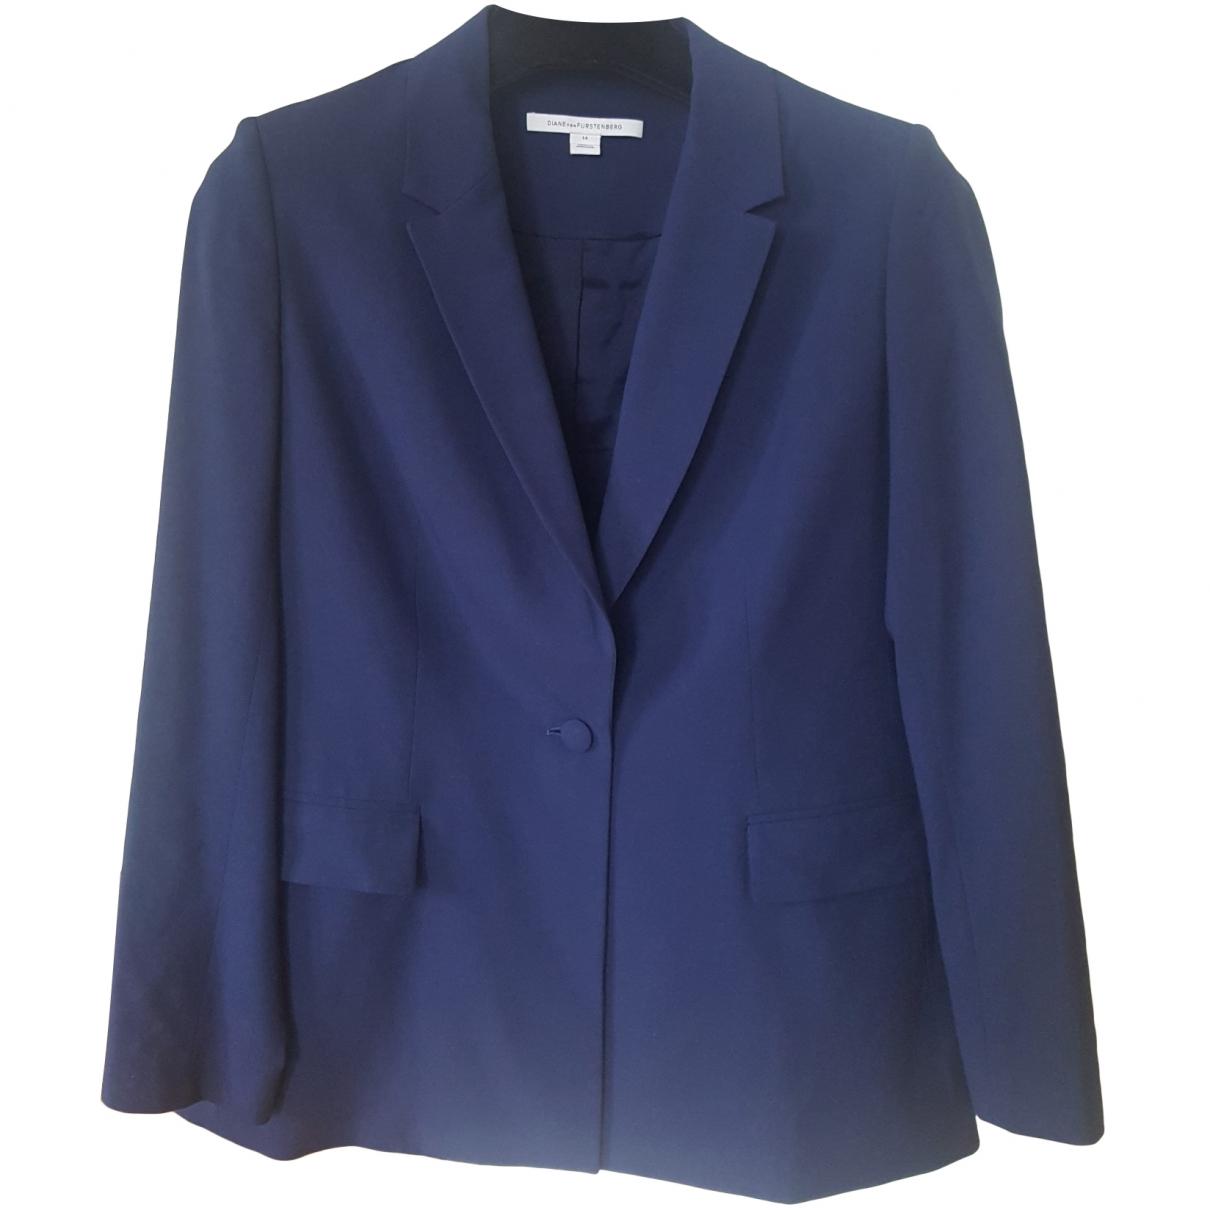 Diane Von Furstenberg \N Navy Wool jacket for Women 14-16 US